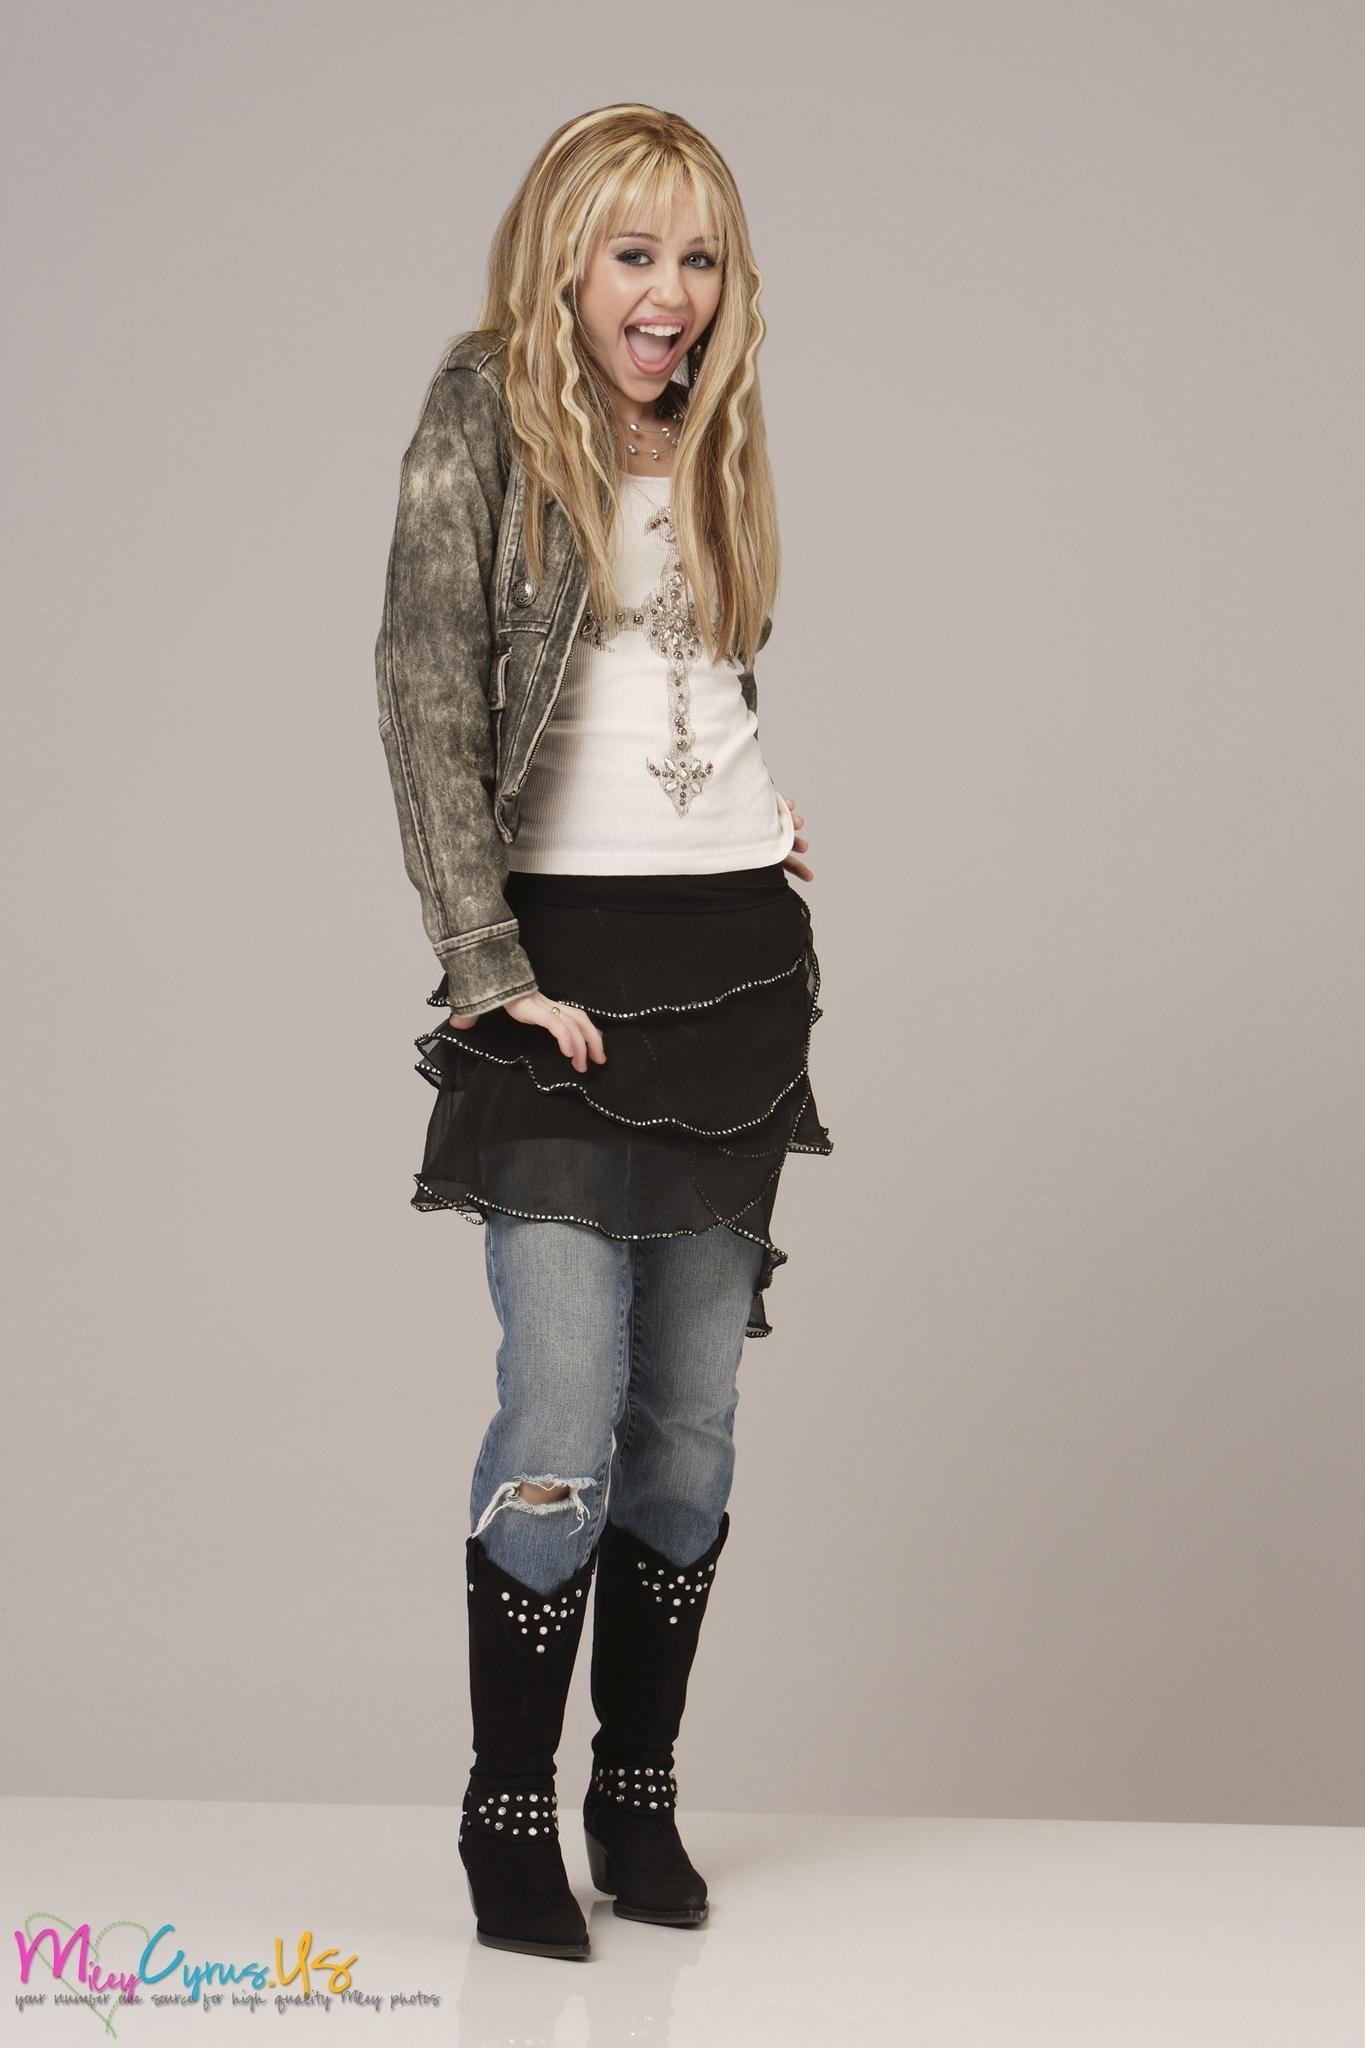 Hannah Montana Season 1 Promotional Photos [HQ]